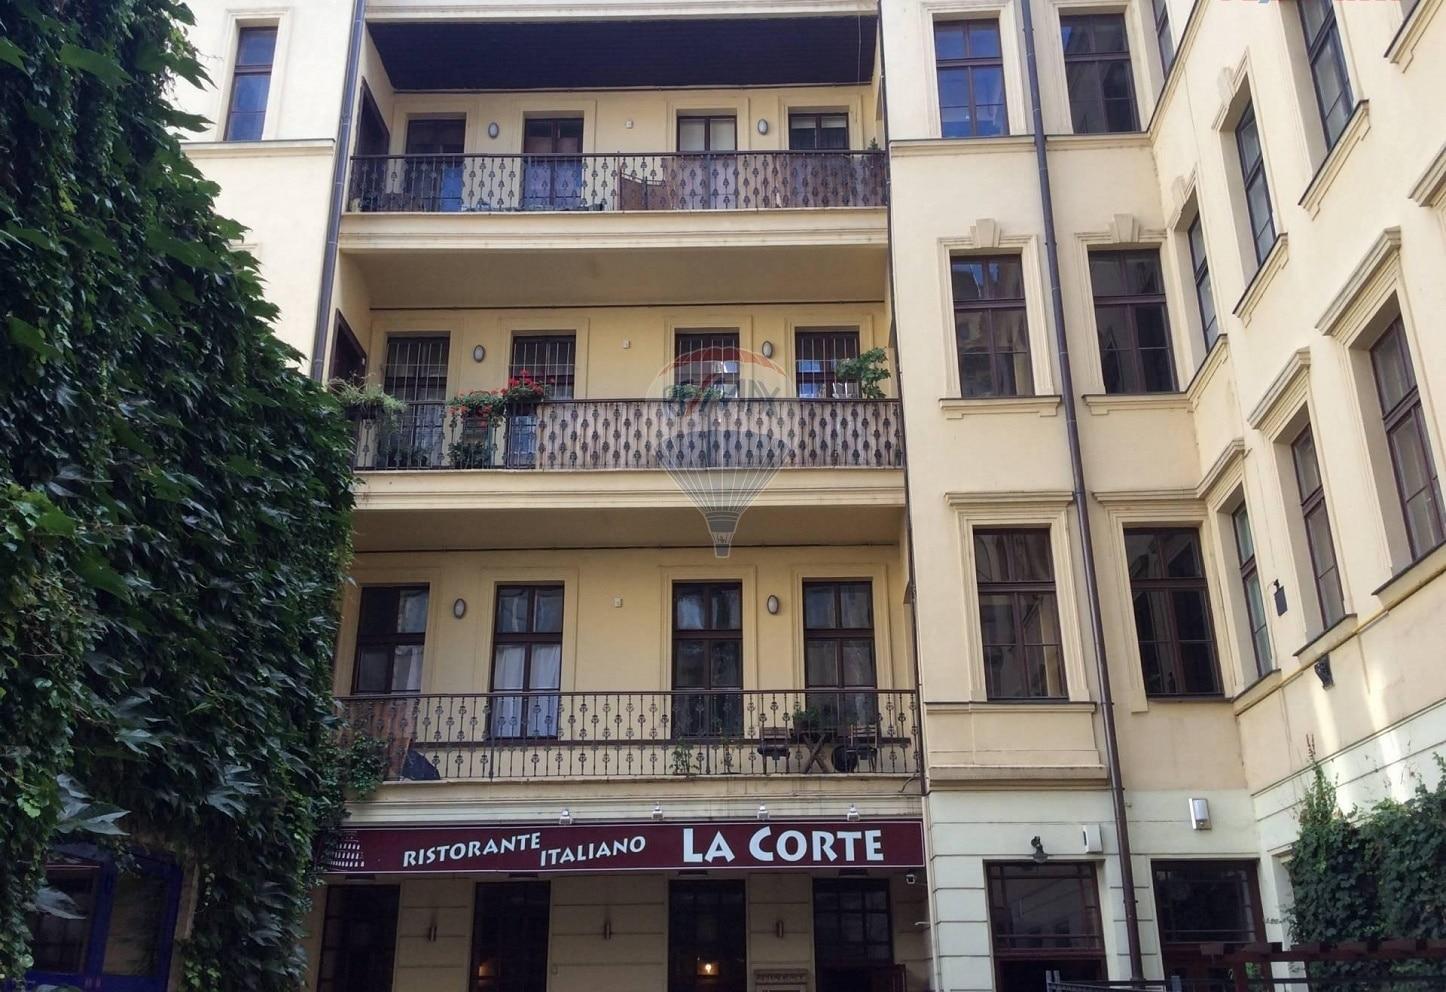 דירת 3 חדרים למכירה בפראג 1 על 78 מר (8)